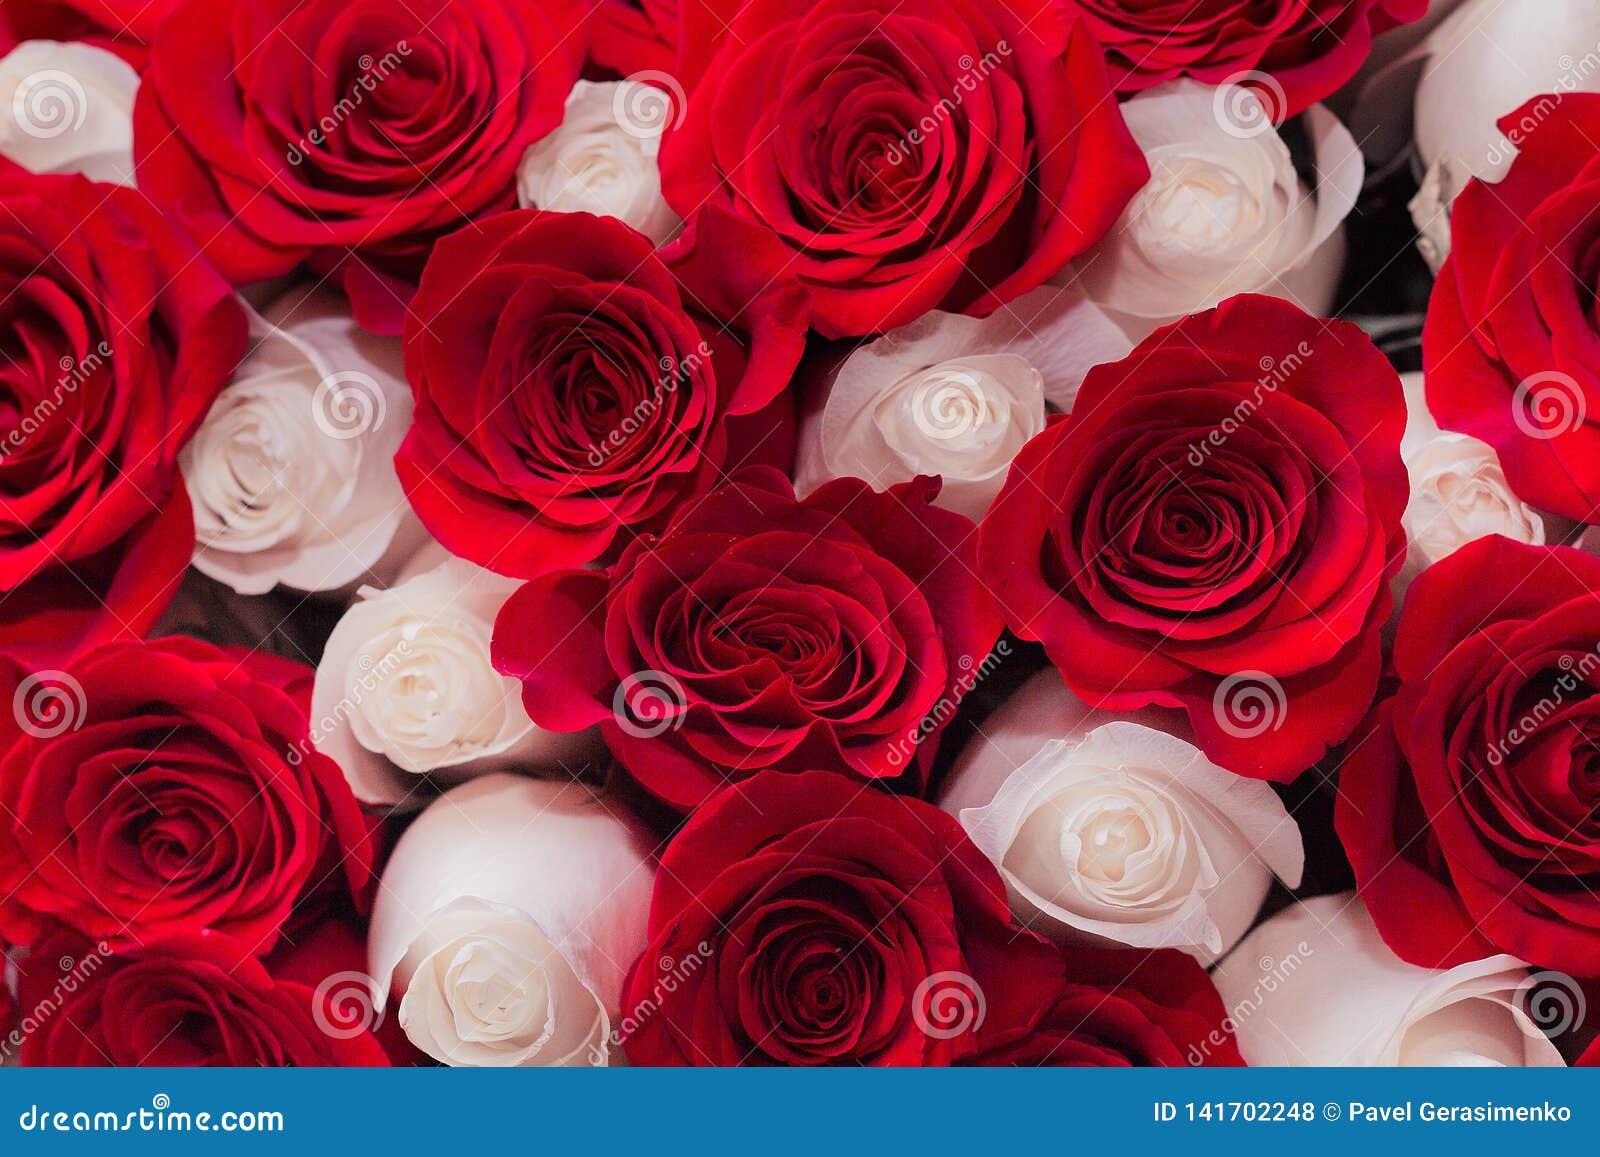 Fond des roses rouges et blanches